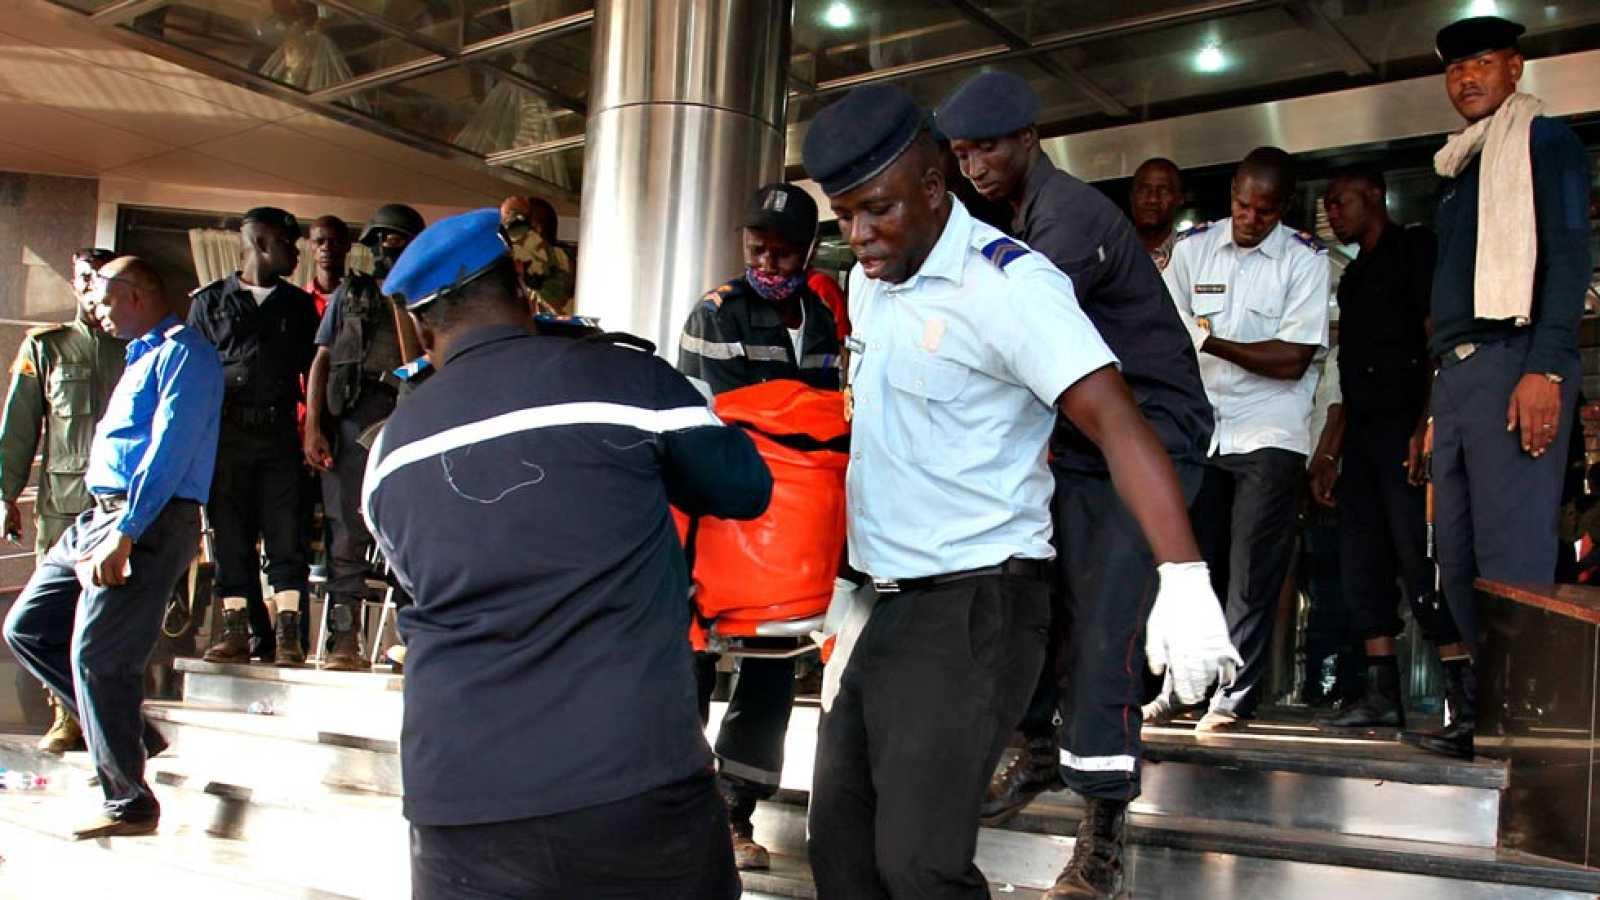 Un ataque yihadista a un hotel de Bamako acaba con al menos 27 rehenes muertos y 13 asaltantes abatidos